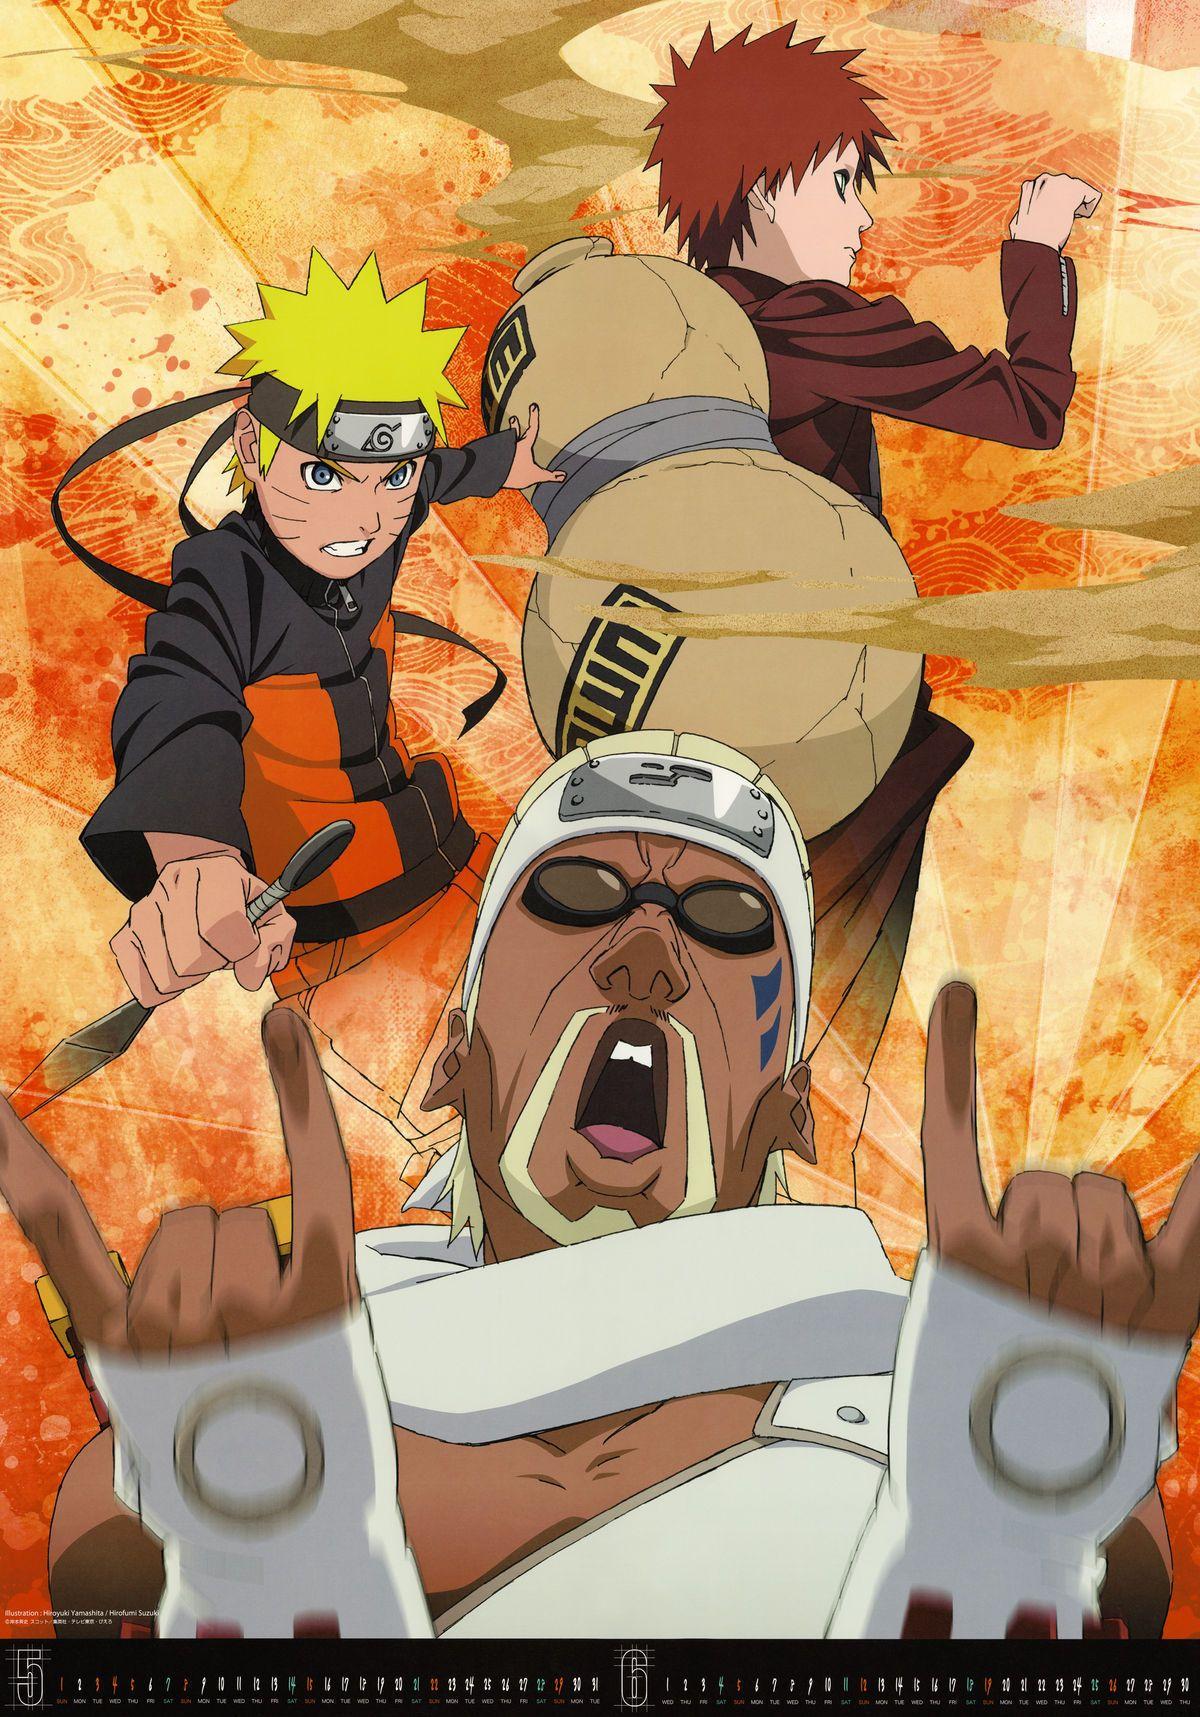 Naruto, Gaara, and Killer Bee (my three favorite characters)